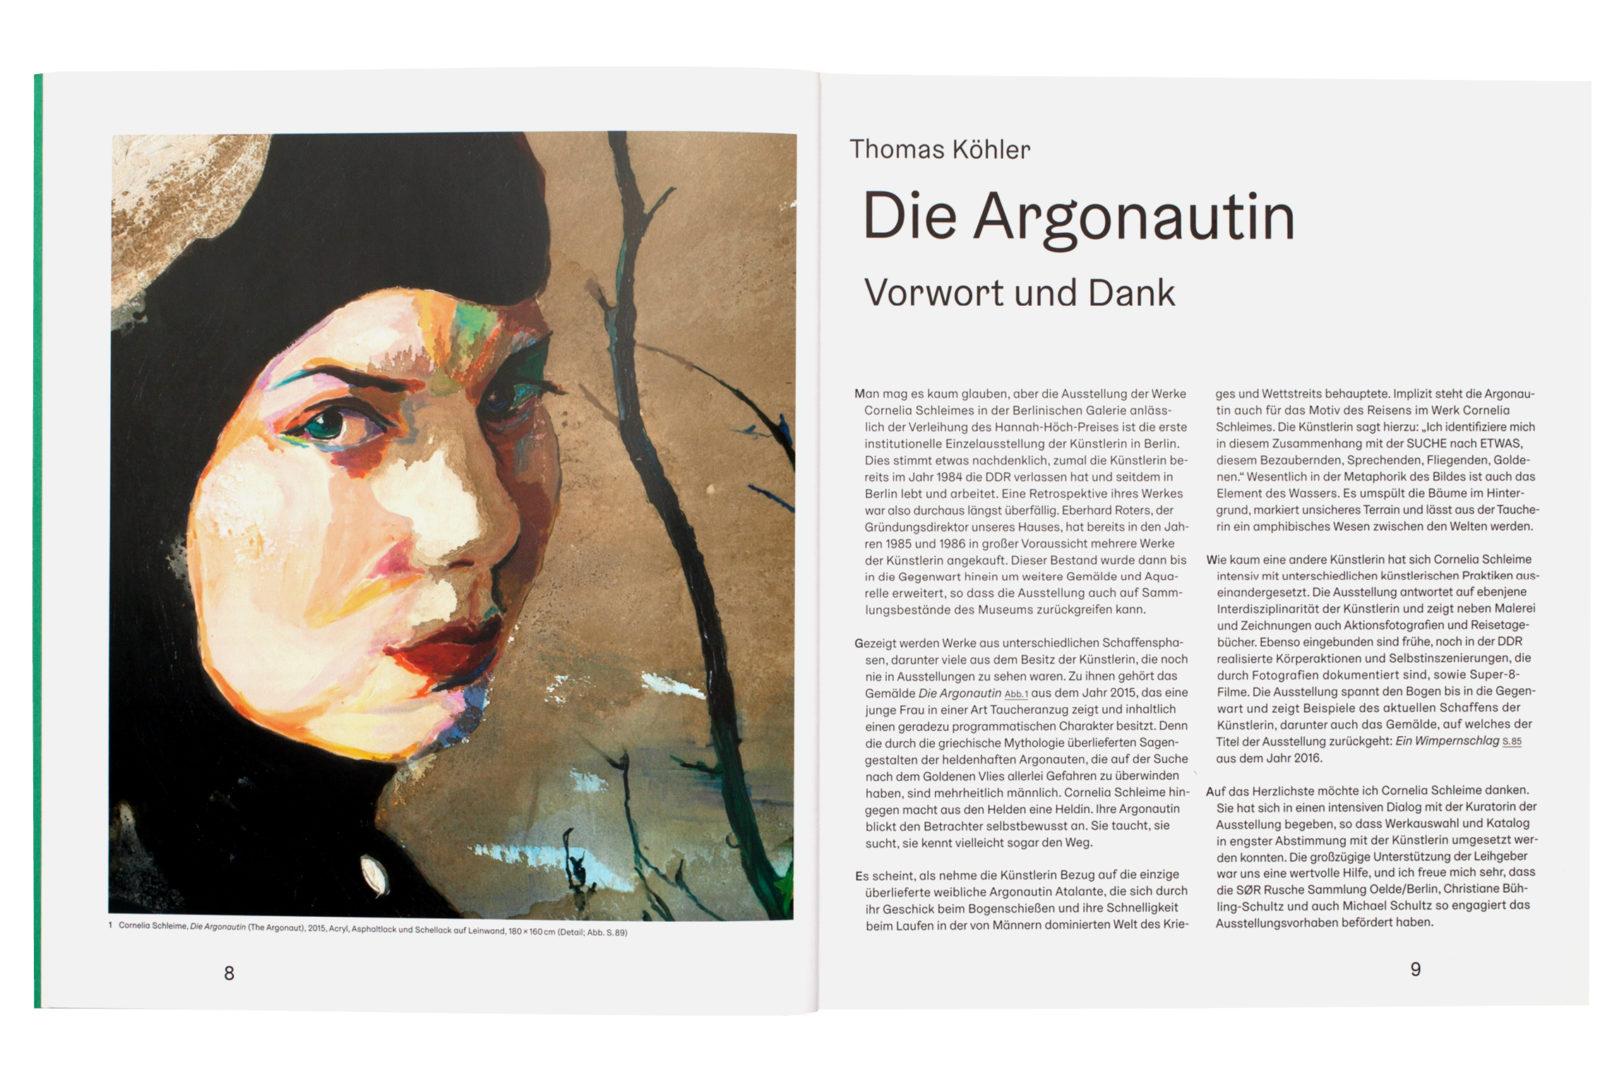 http://e-o-t.de/wordpress/wp-content/uploads/2017/11/eot-2016-CorneliaSchleime-Book-4.jpg